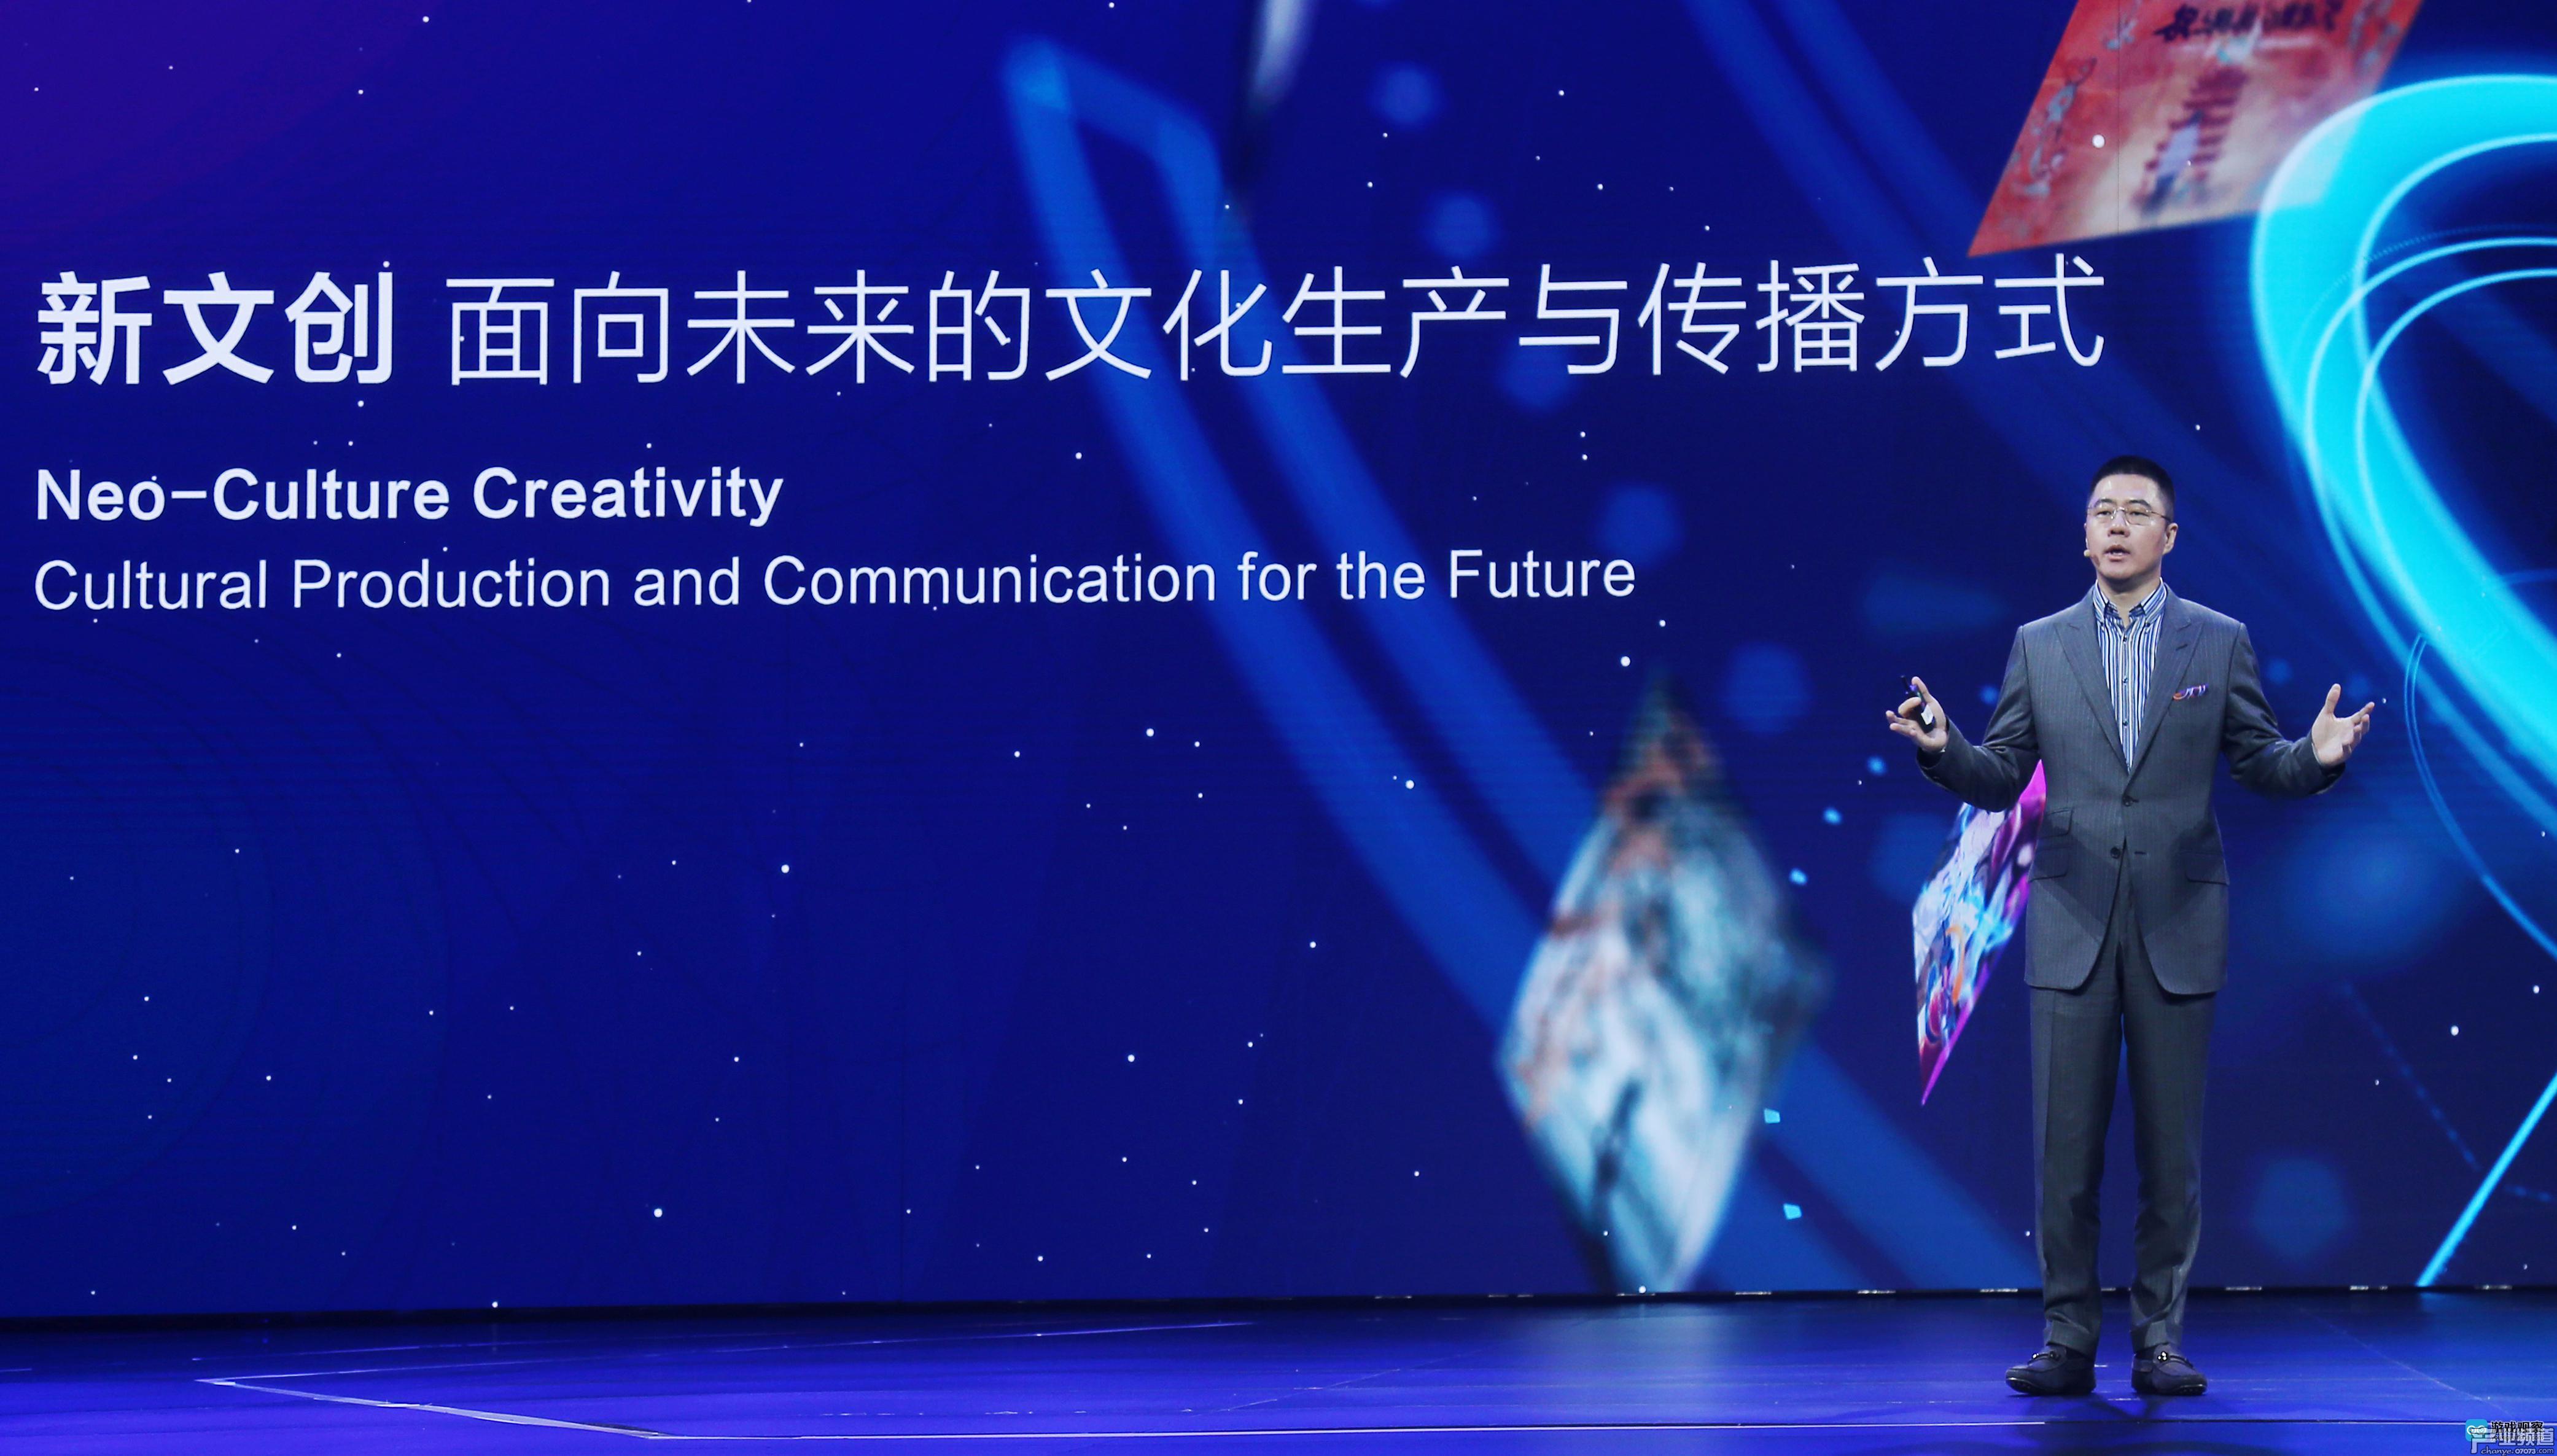 """腾讯集团副总裁、腾讯影业首席执行官程武提出""""新文创""""的战略构思"""